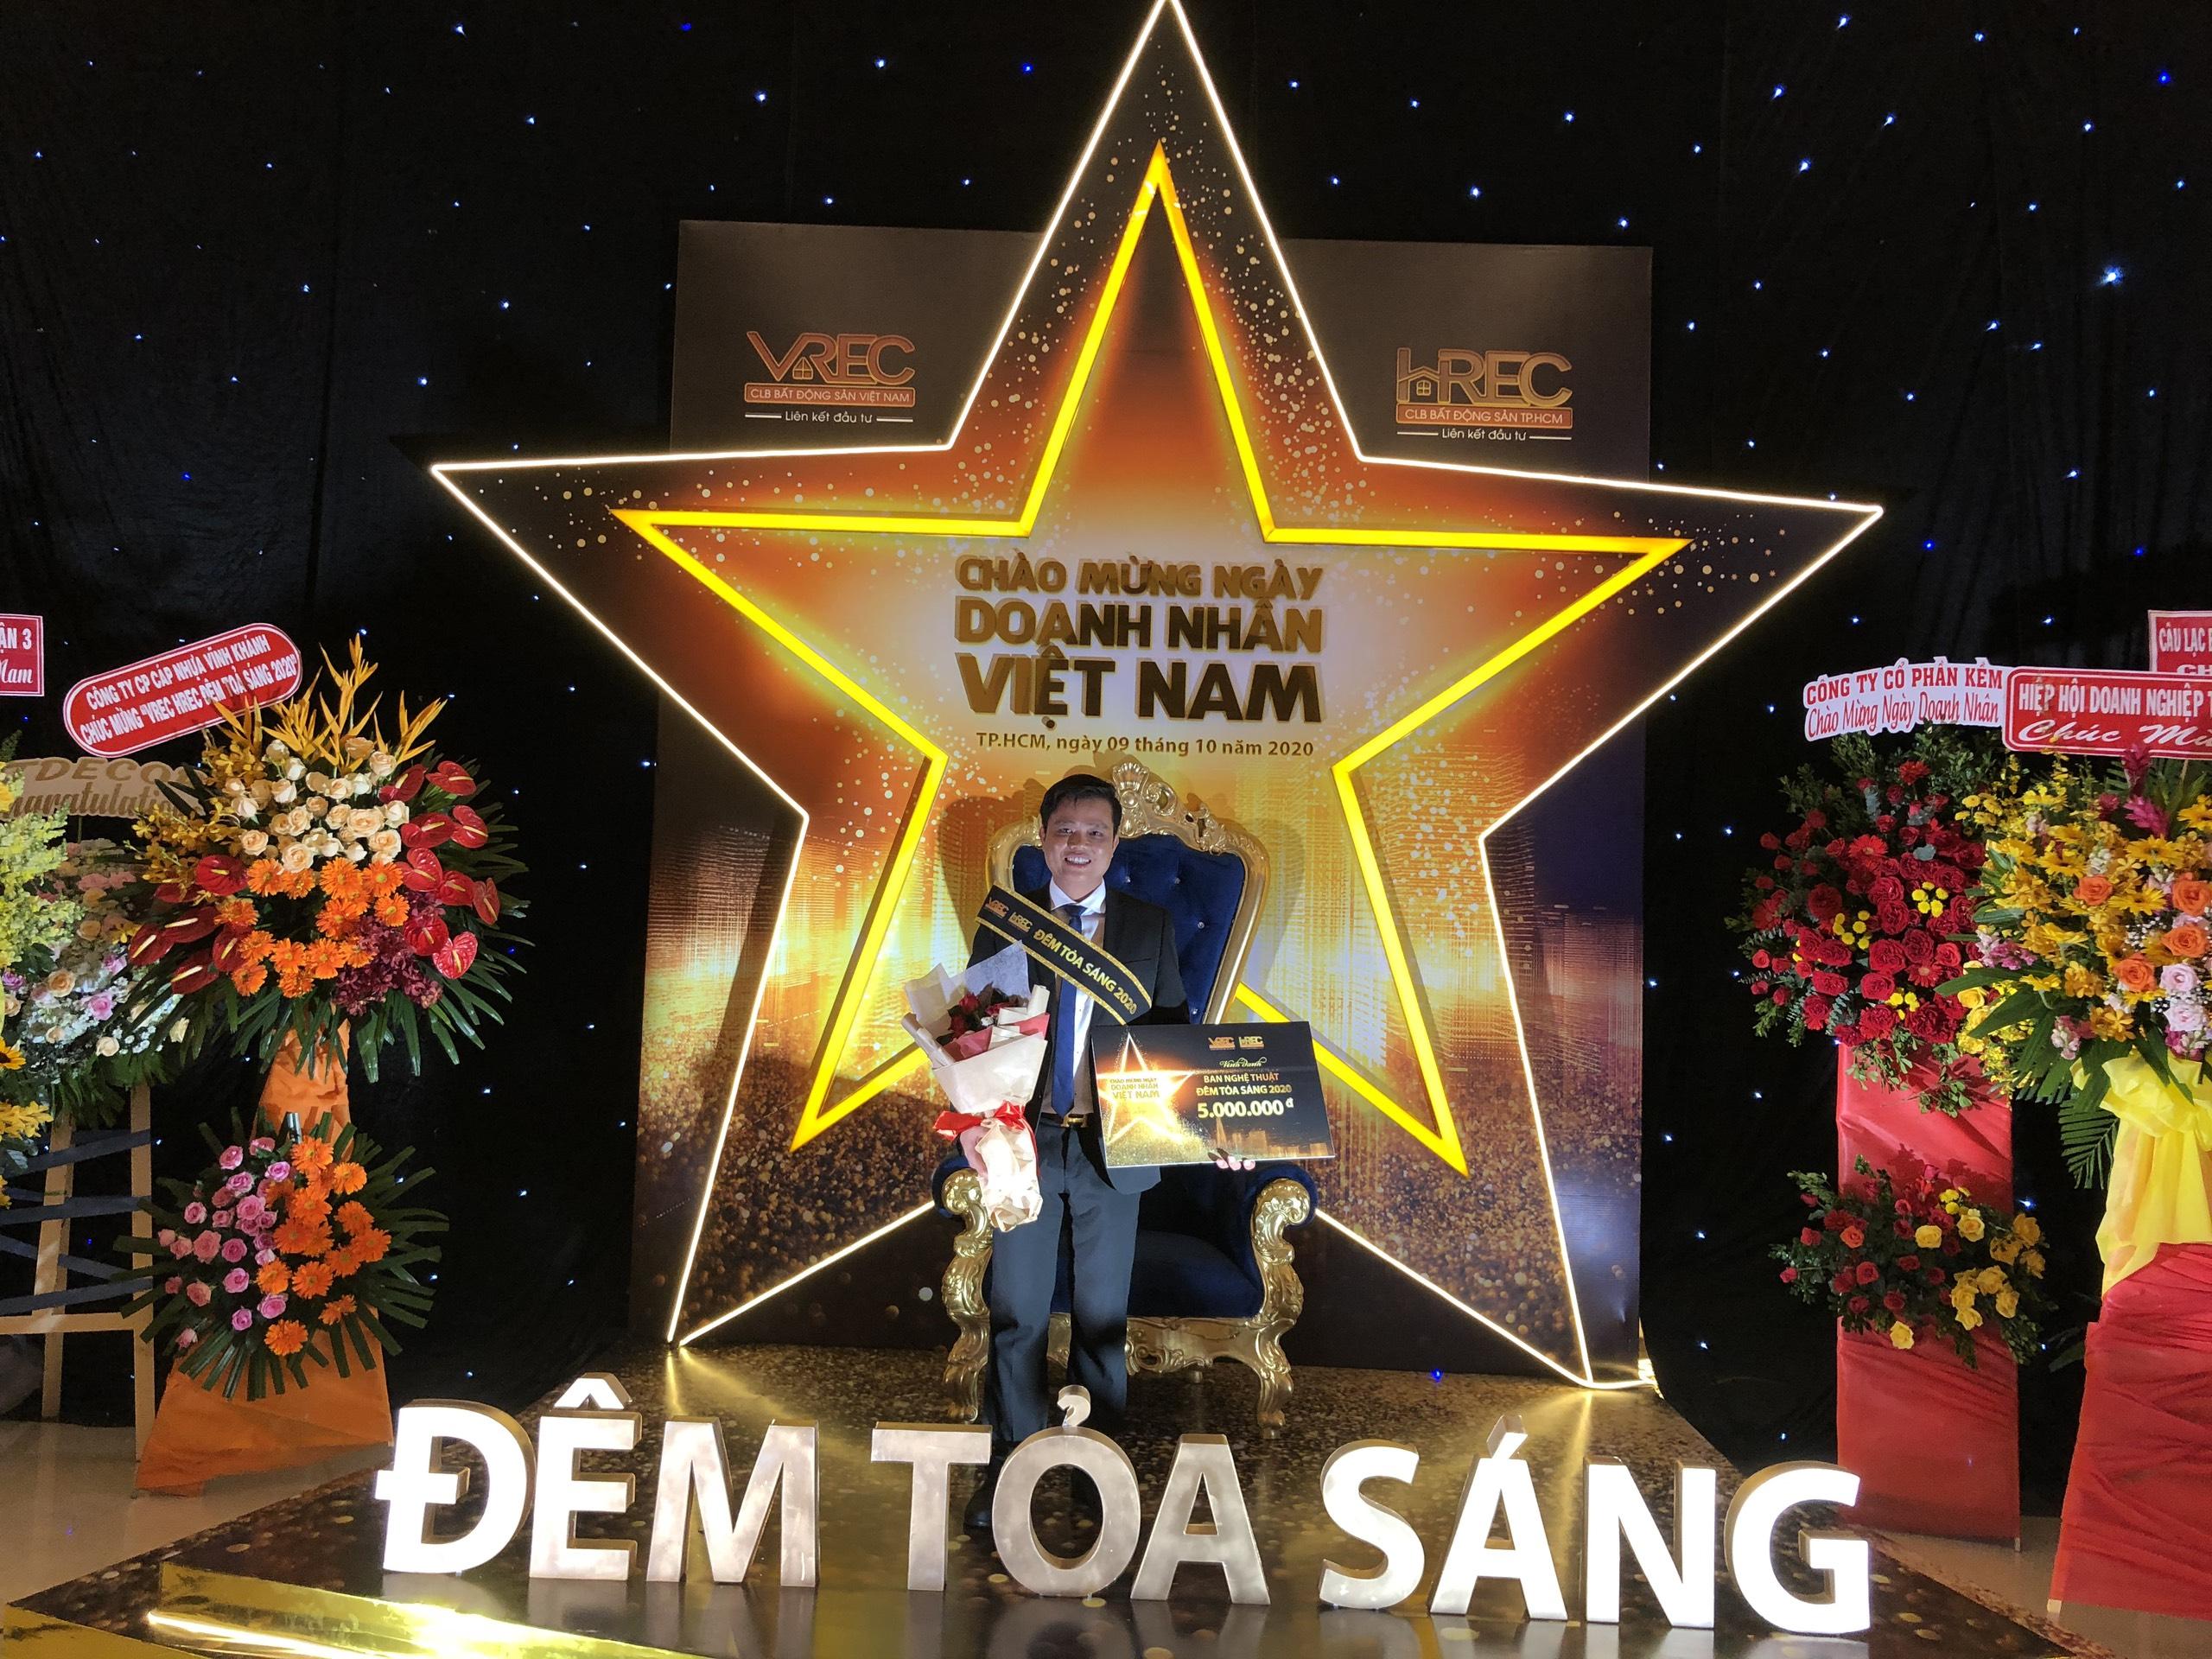 CEO Bùi Ngọc Hùng tham gia Đêm tỏa sáng 2020 VREC – HREC